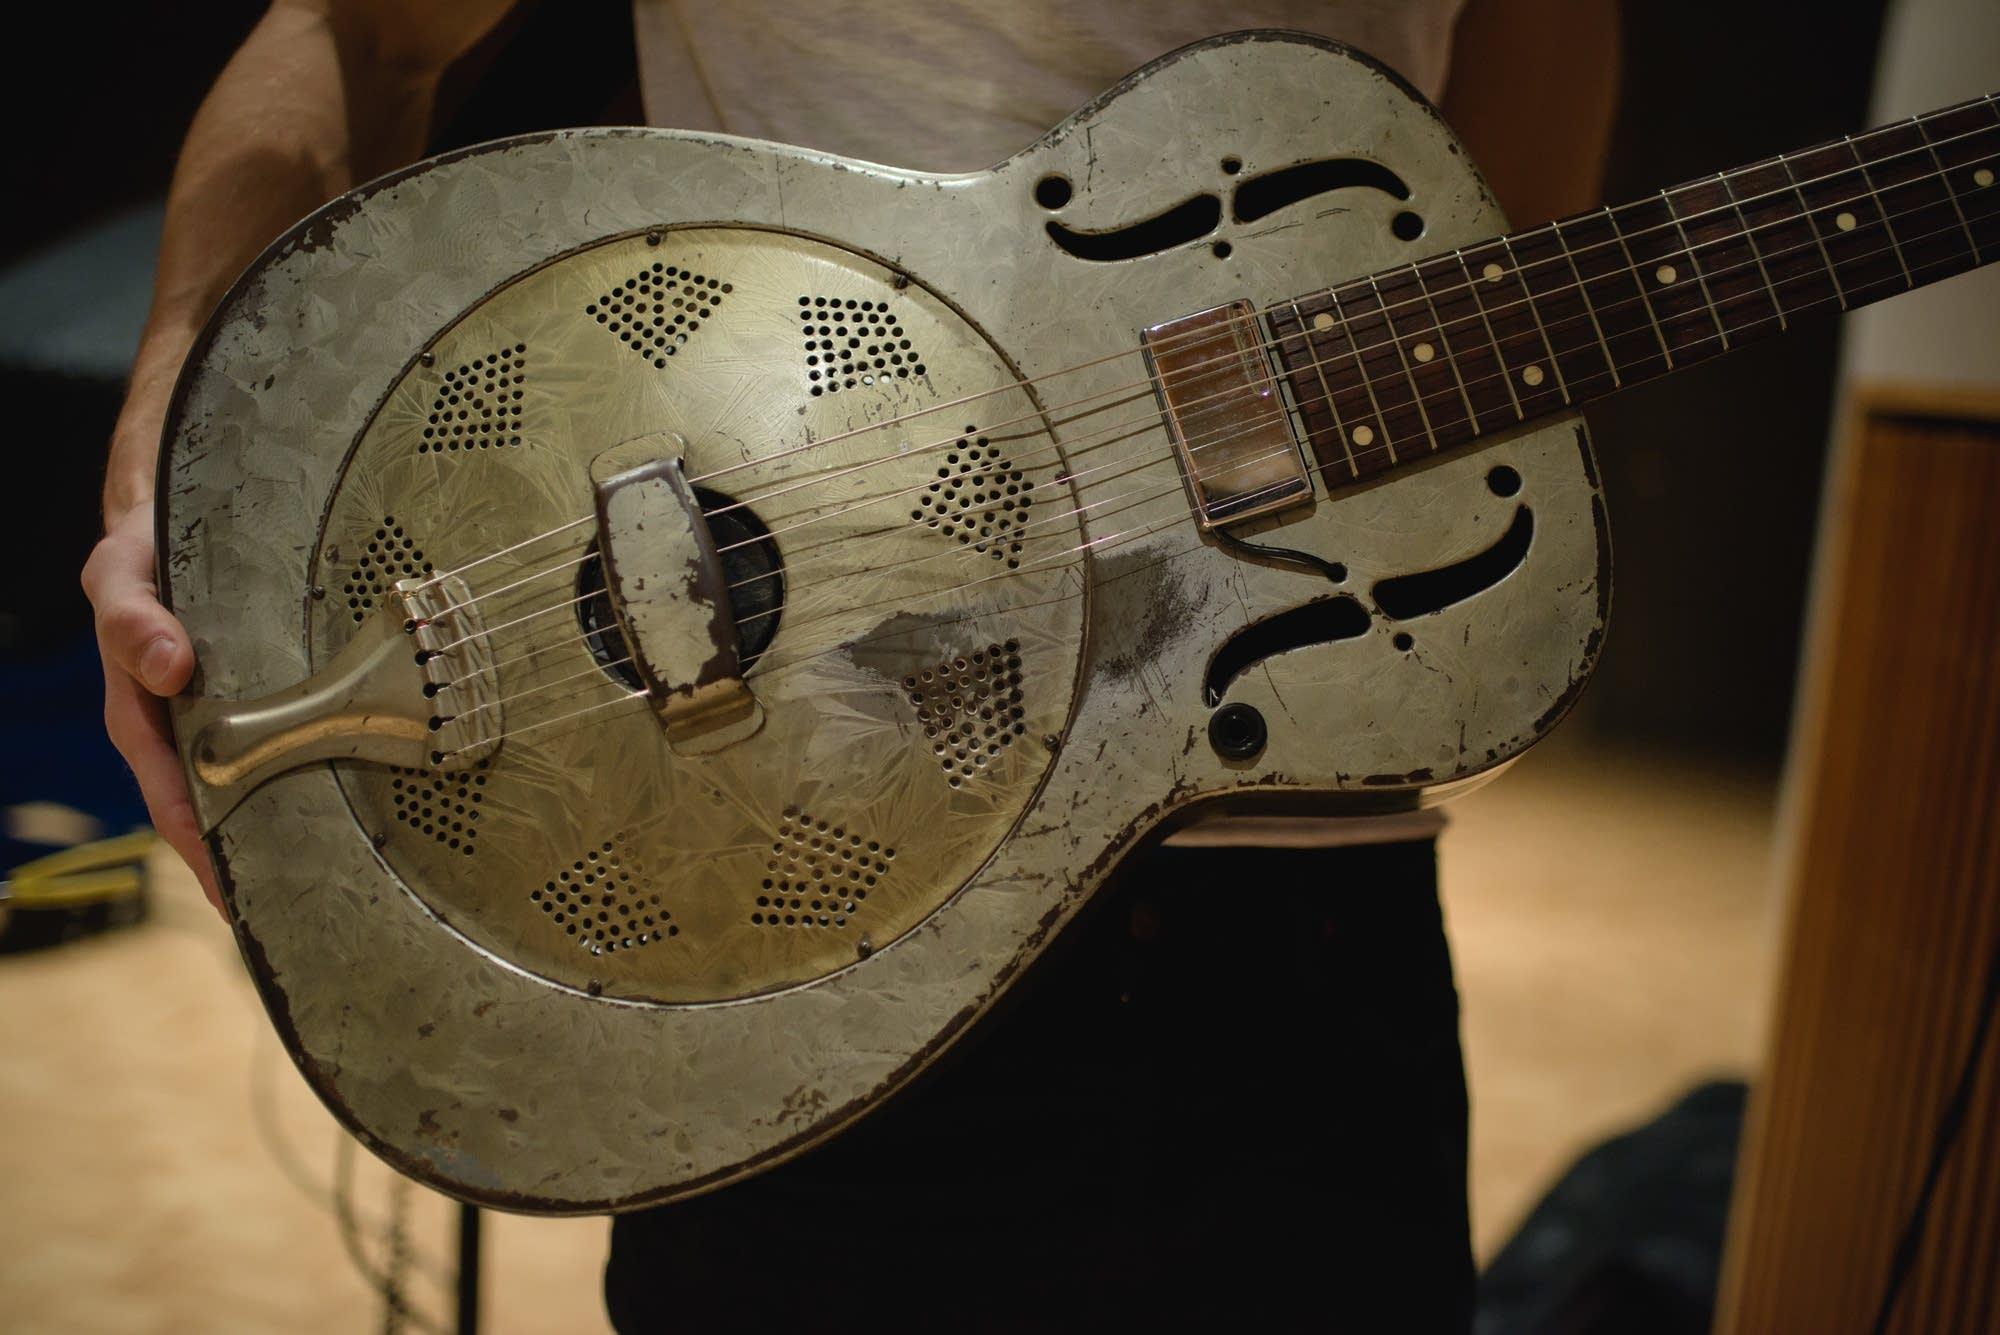 1935 National Guitar, showing humbucker